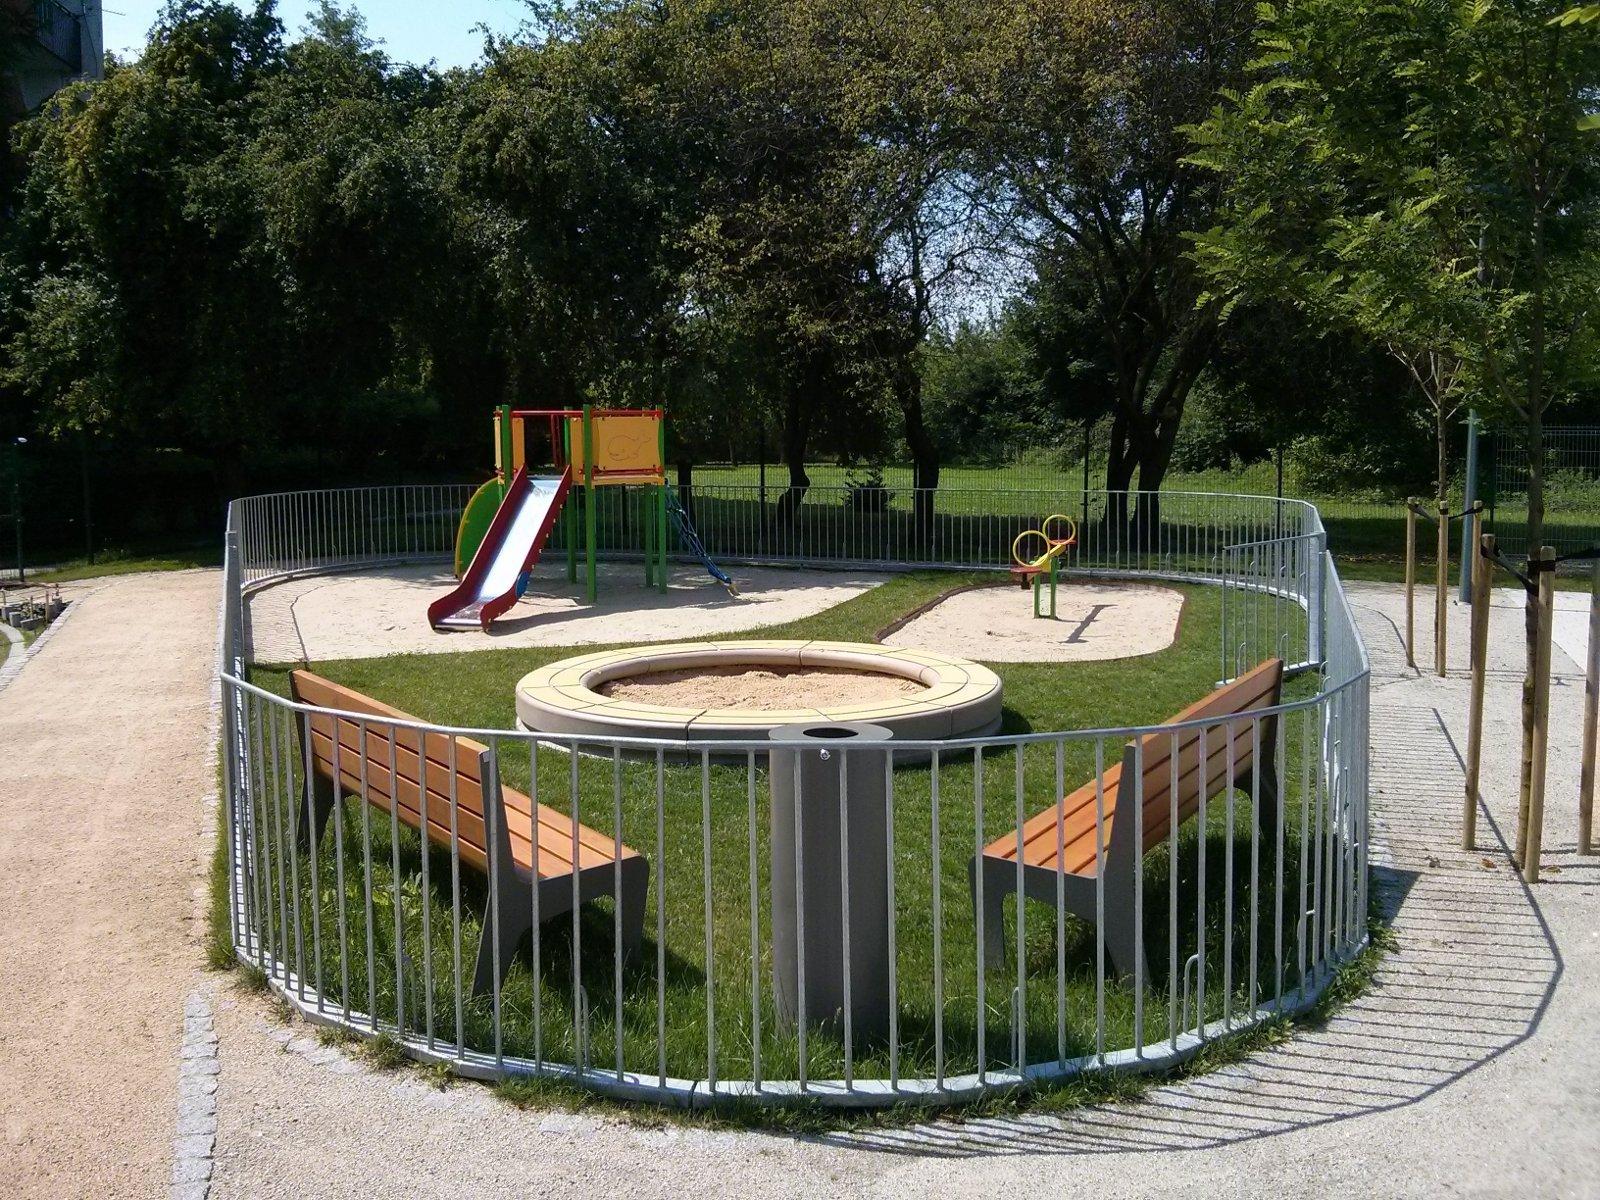 Plac zabaw dla dzieci - osiedle Avia